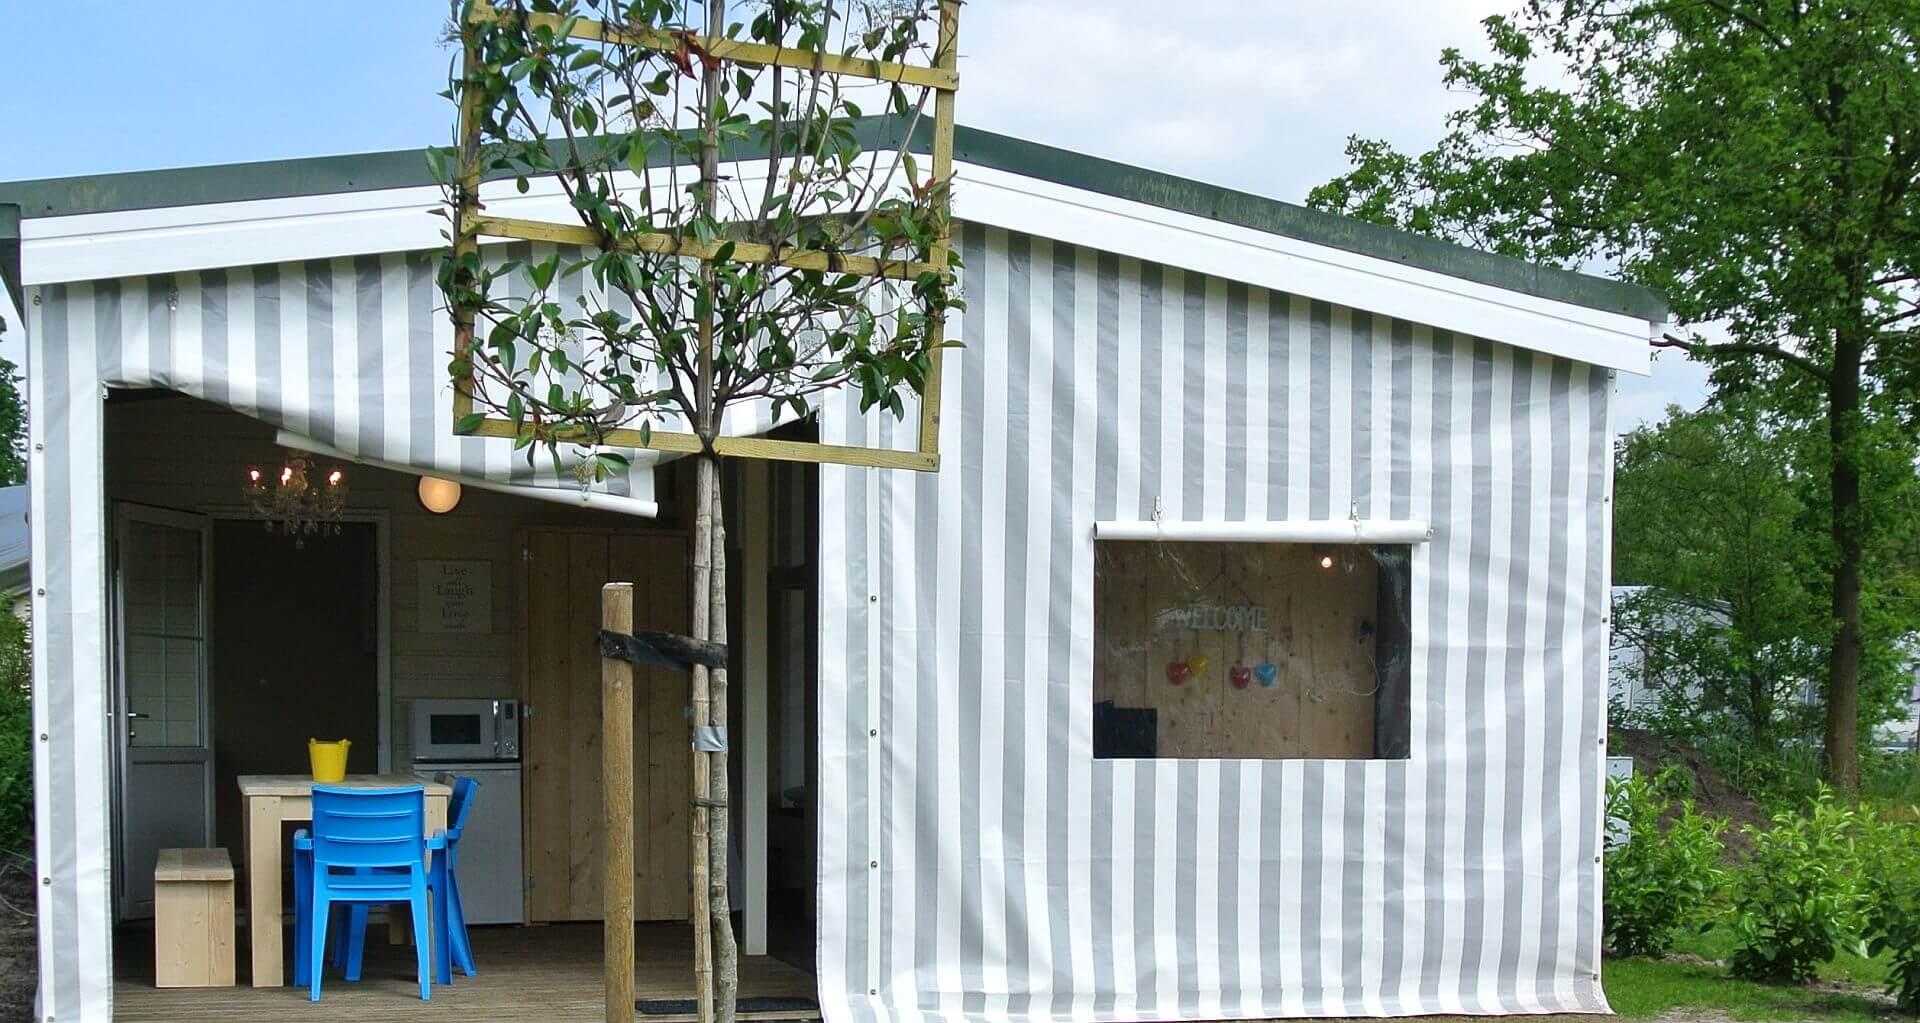 Lodgezelt, eine besondere Unterkunft direkt am Strand! - Lodgezelt